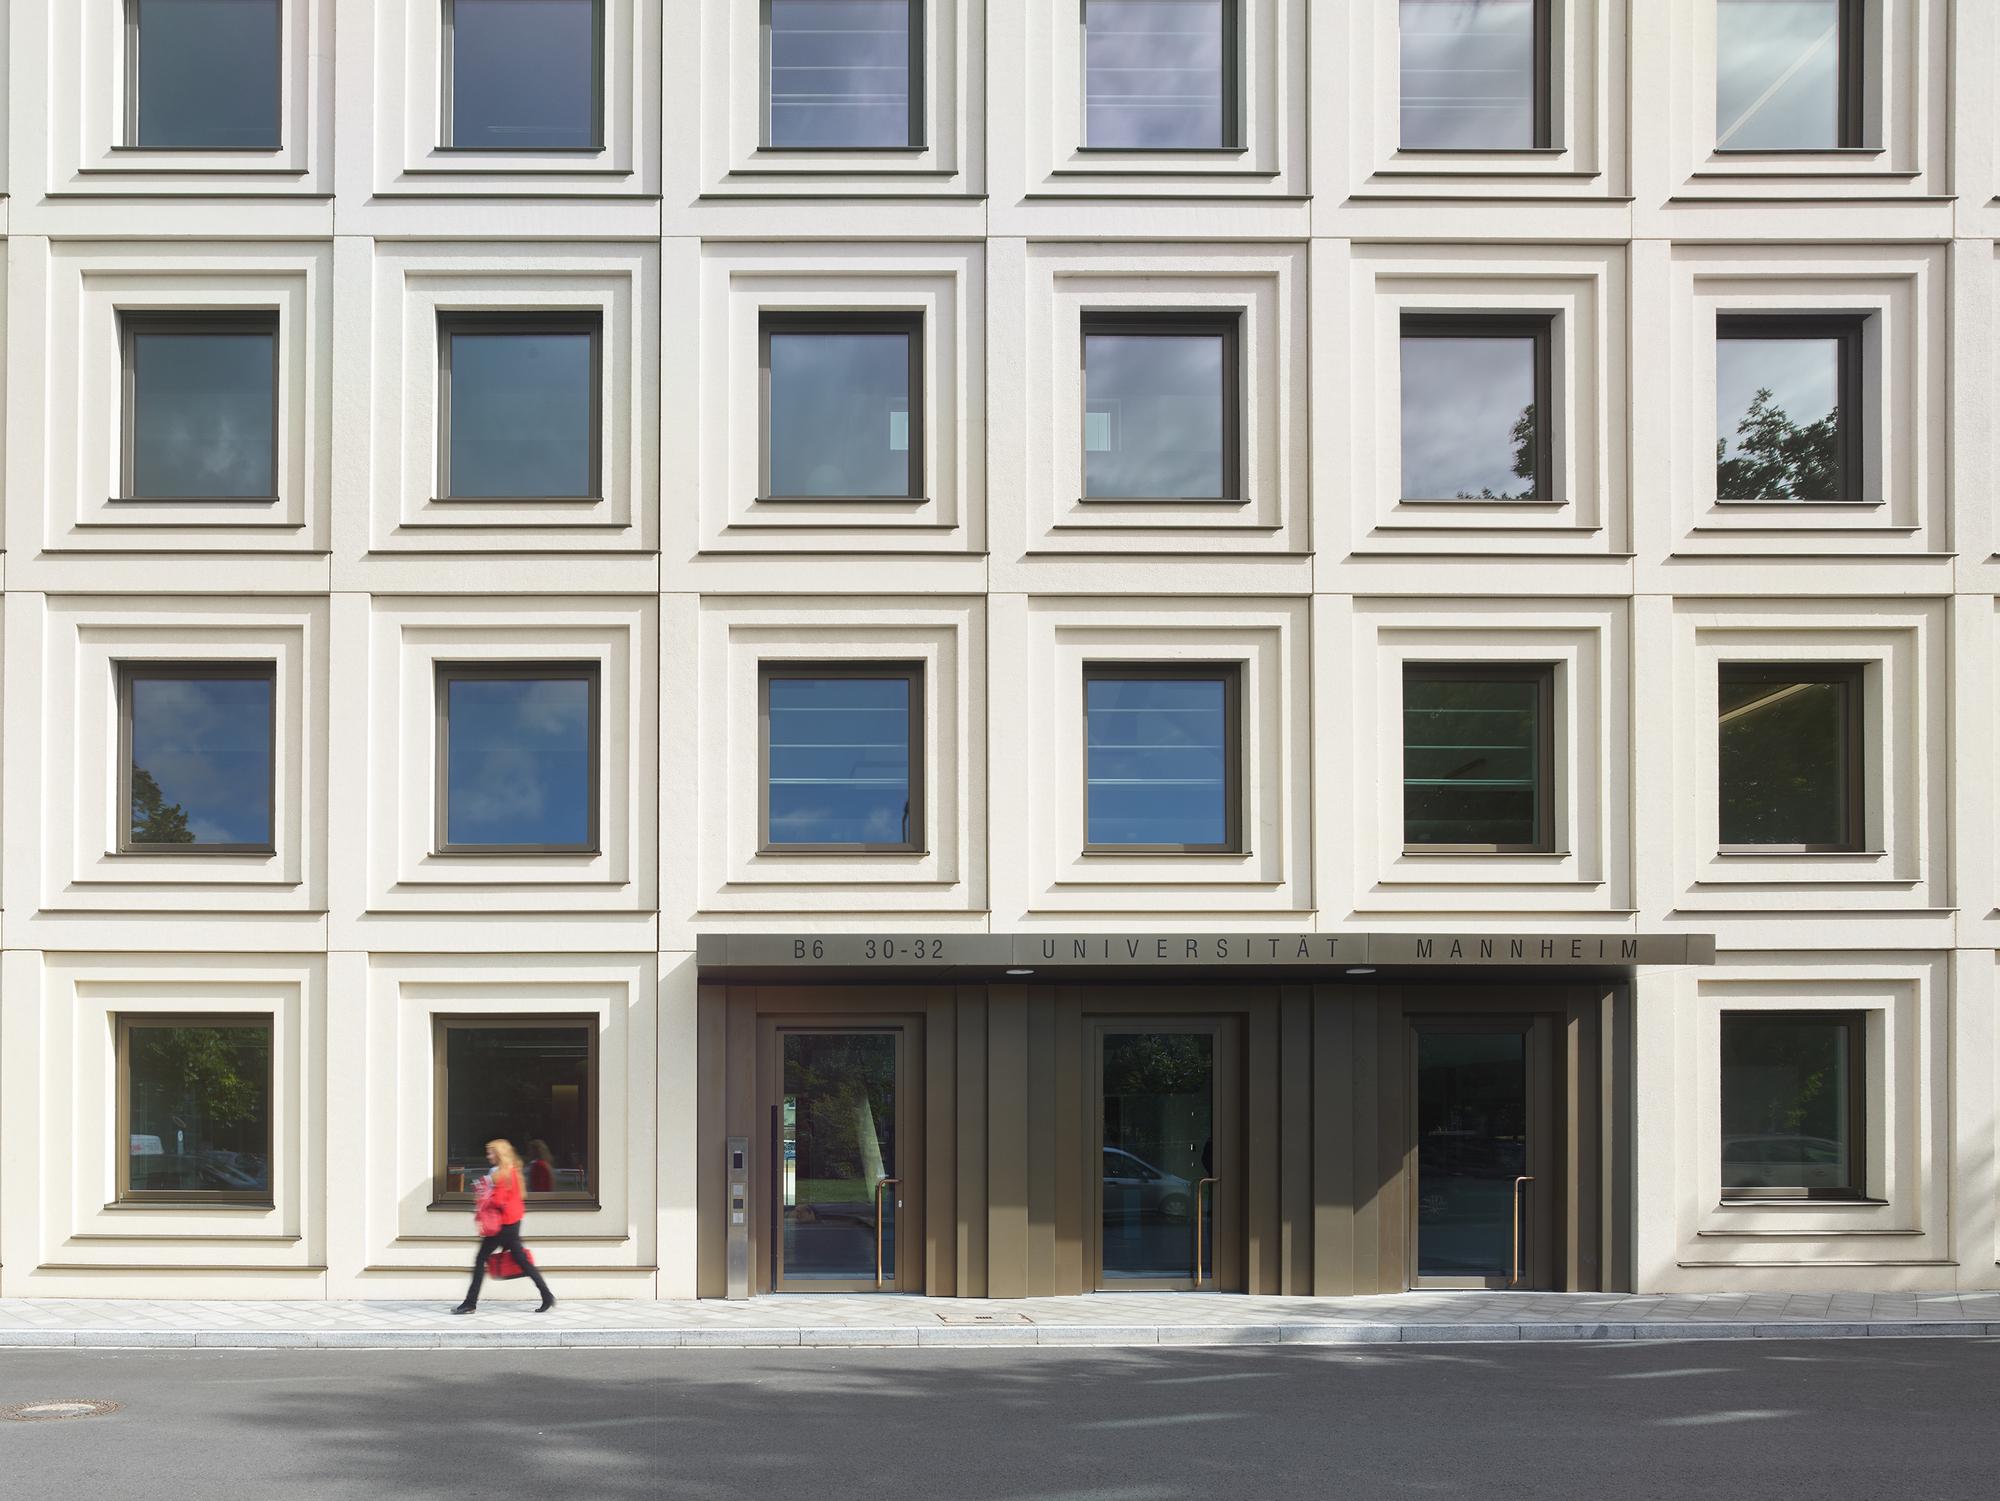 Architekten In Mannheim mannheim tag archdaily